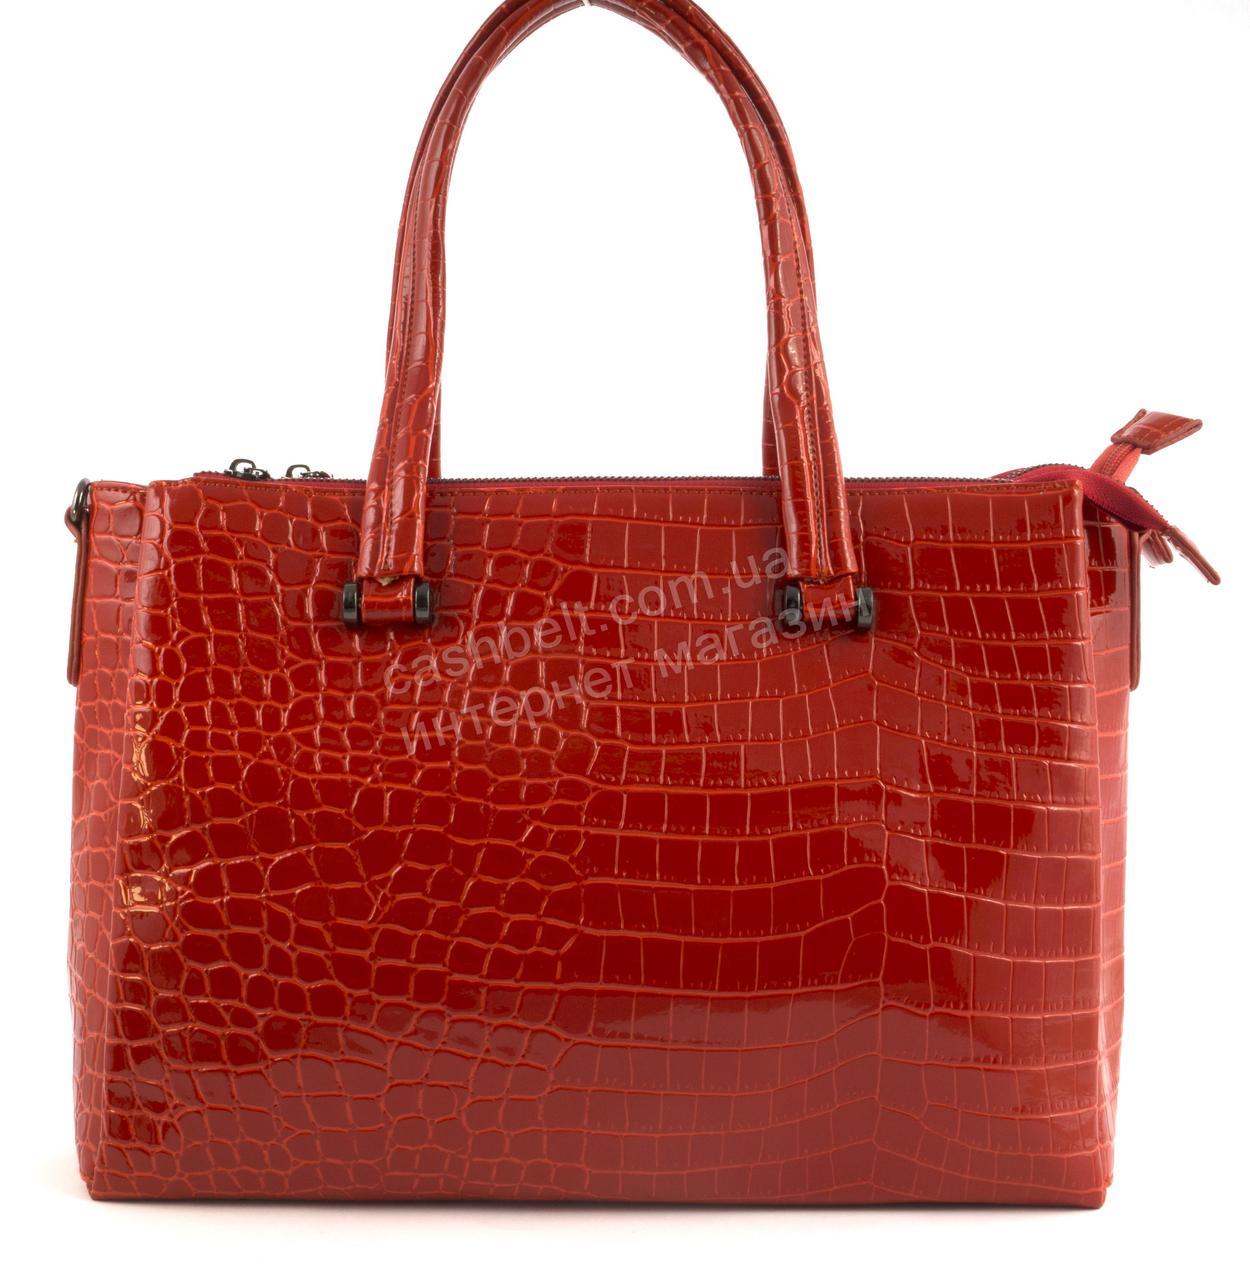 b2f808a4f0ff Яркая стильная качественная лаковая сумка под рептилию SOLANA art. 3688-1  красная